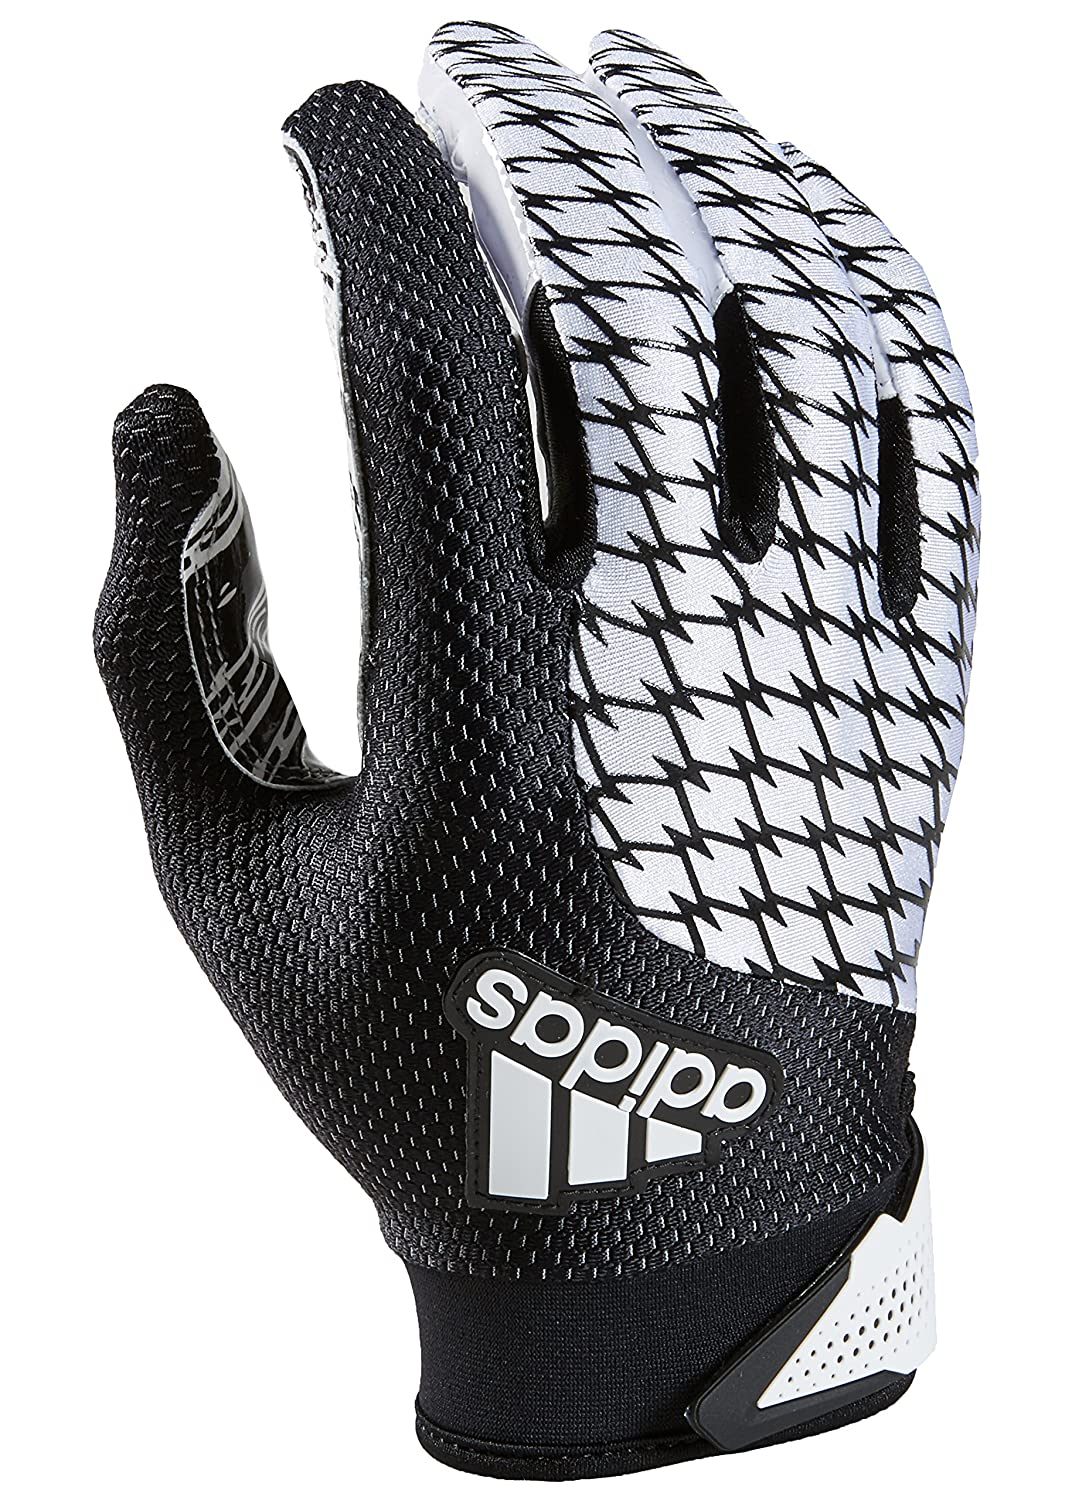 Adidas adifast 2.0 Youth Fußball Empfänger Handschuhe